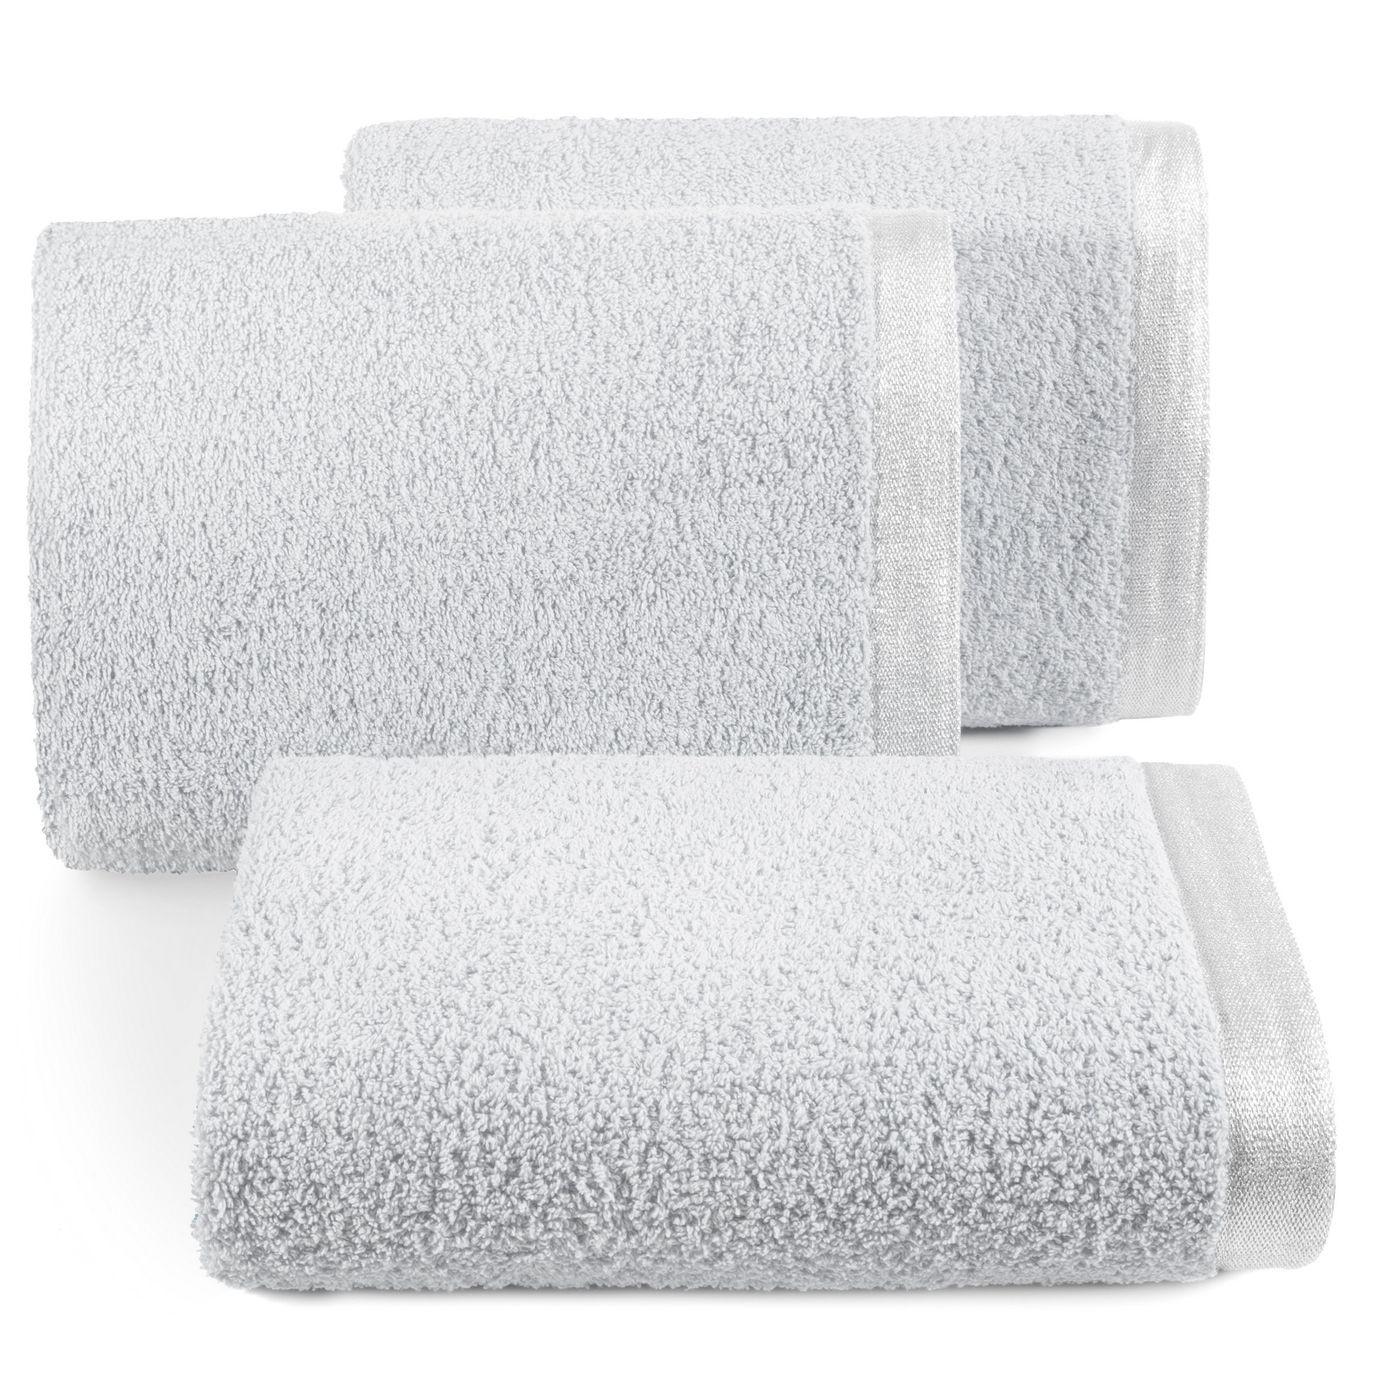 Ręcznik z bawełny z błyszczącym brzegiem 70x140cm popielaty